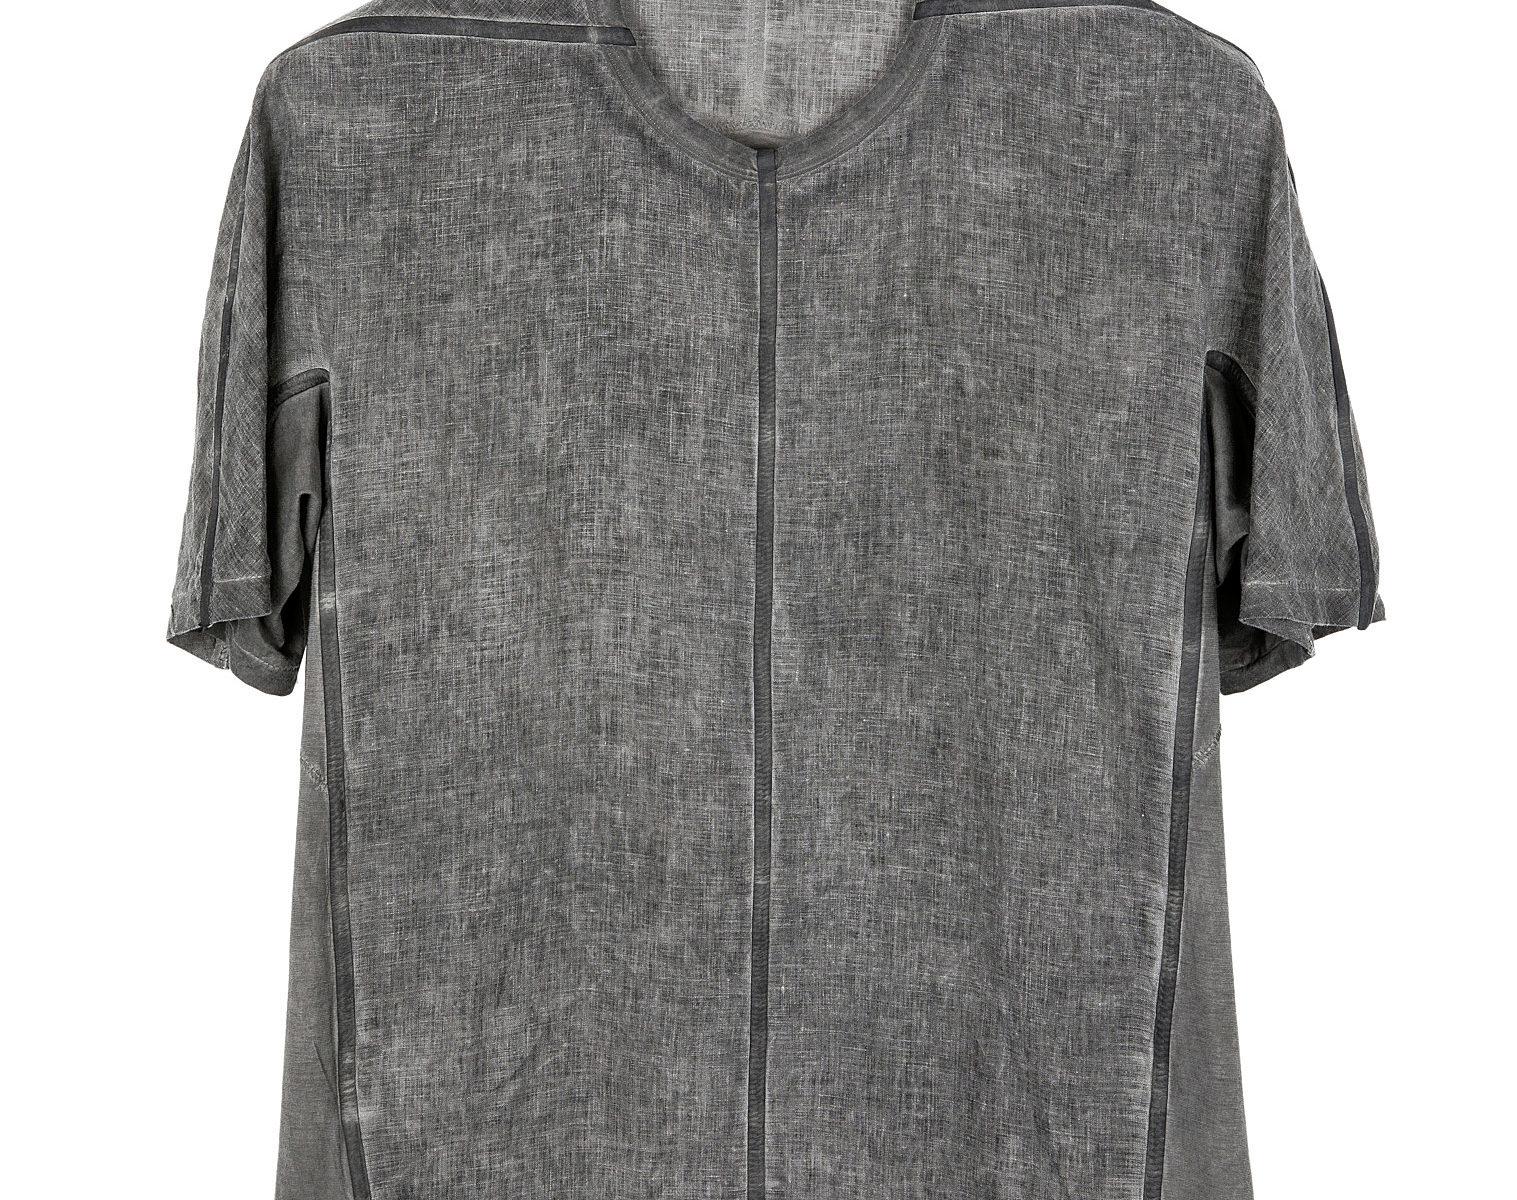 ISAAC SELLAM T-Shirt Taped 1